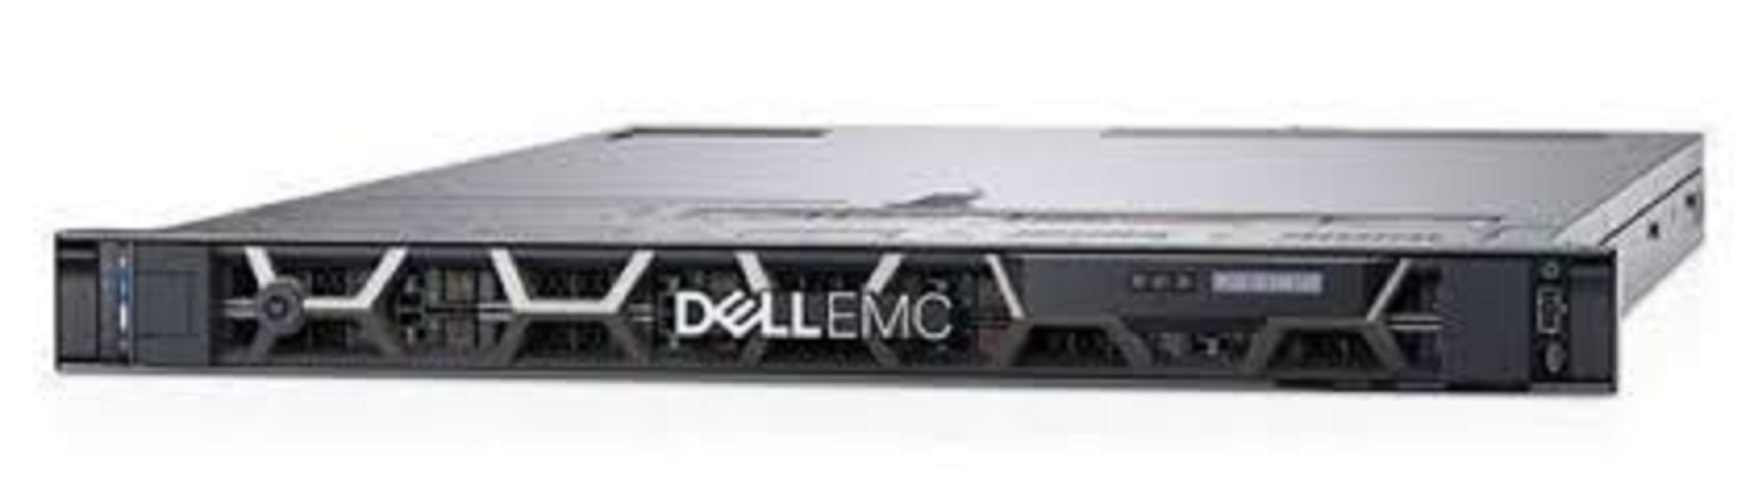 Dell  EMC POWEREDGE R440 – 3.5 INCH- hàng chính hãng